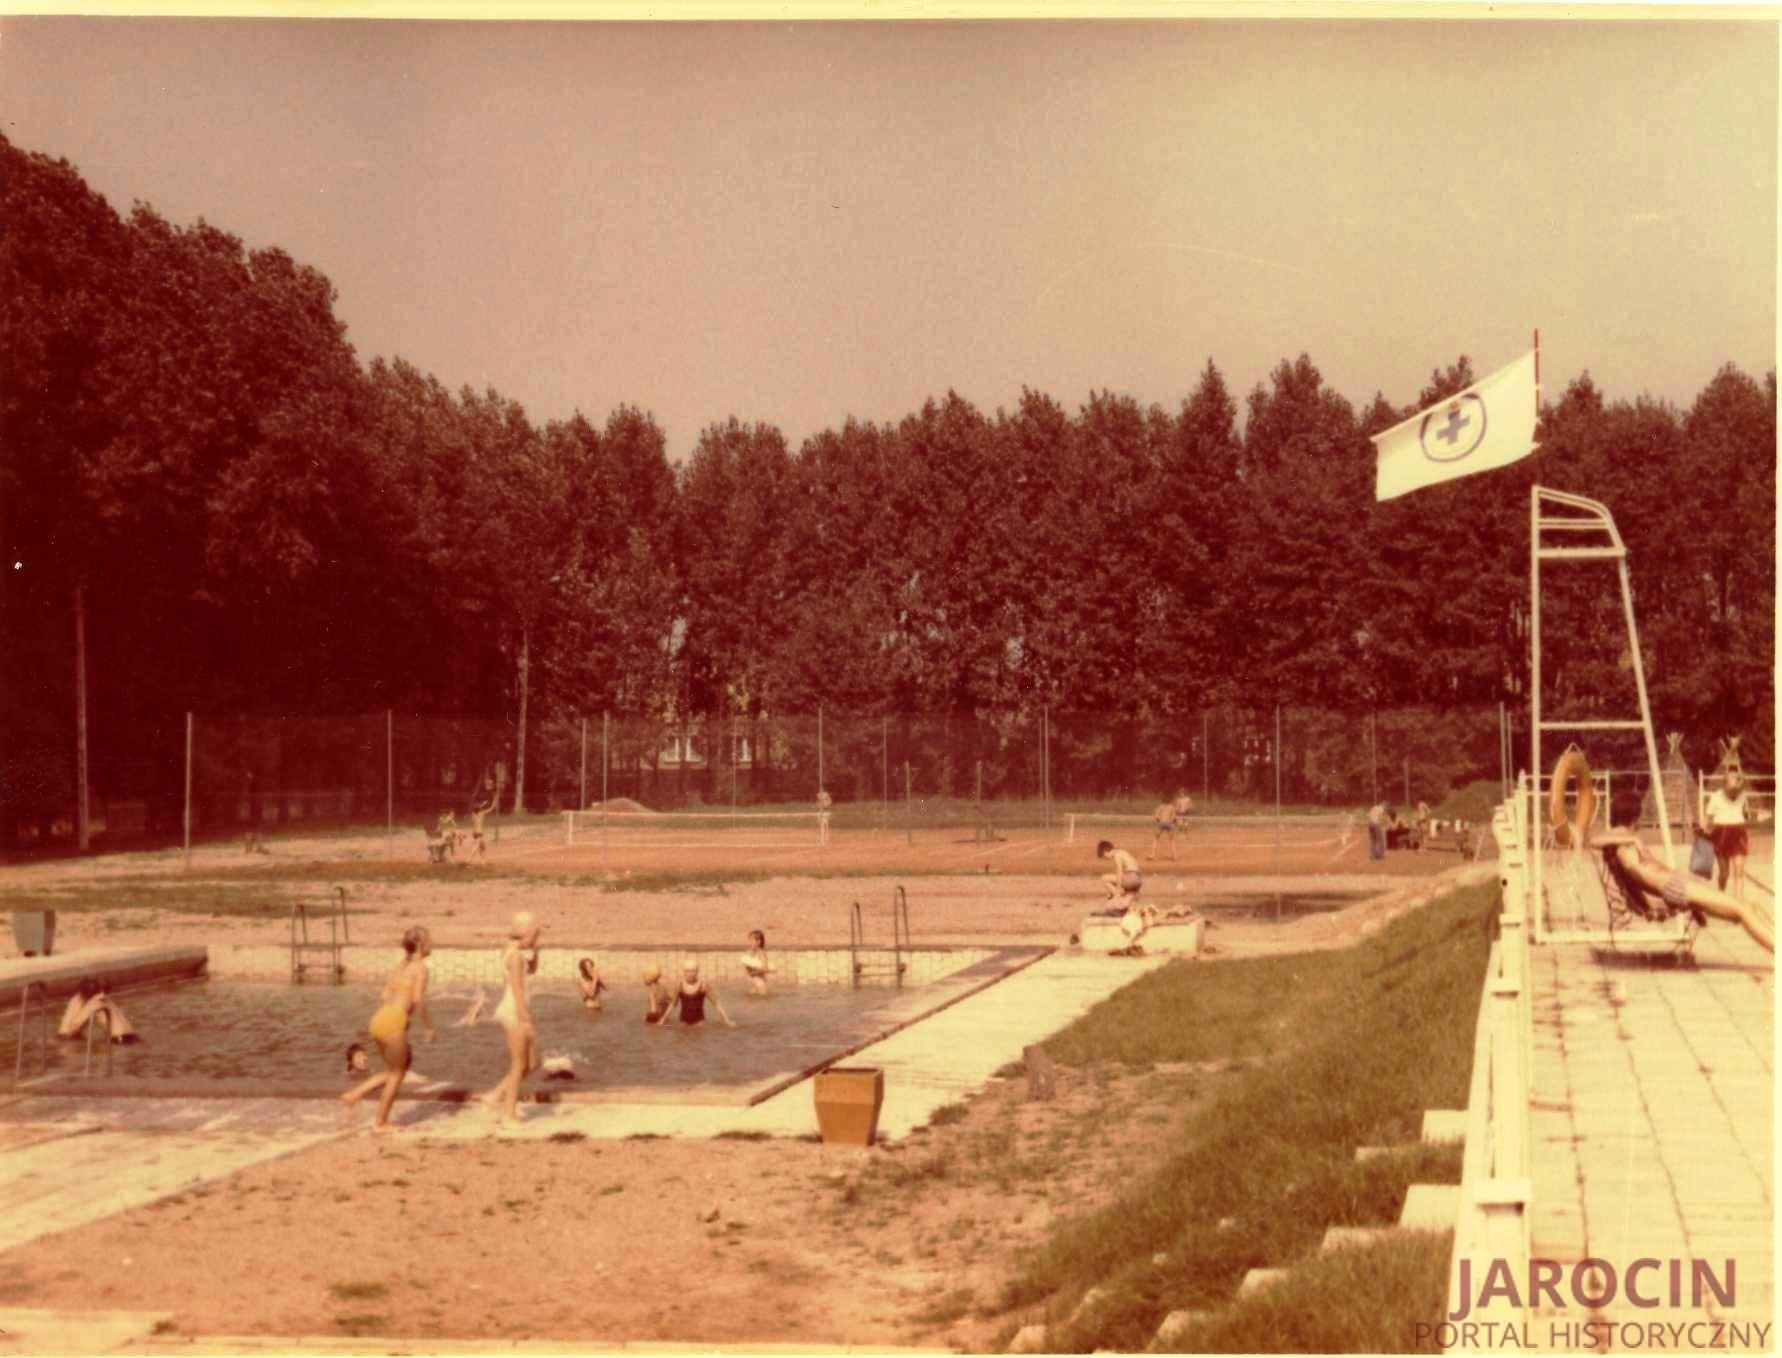 Jarociński basen rodem z lat 70.